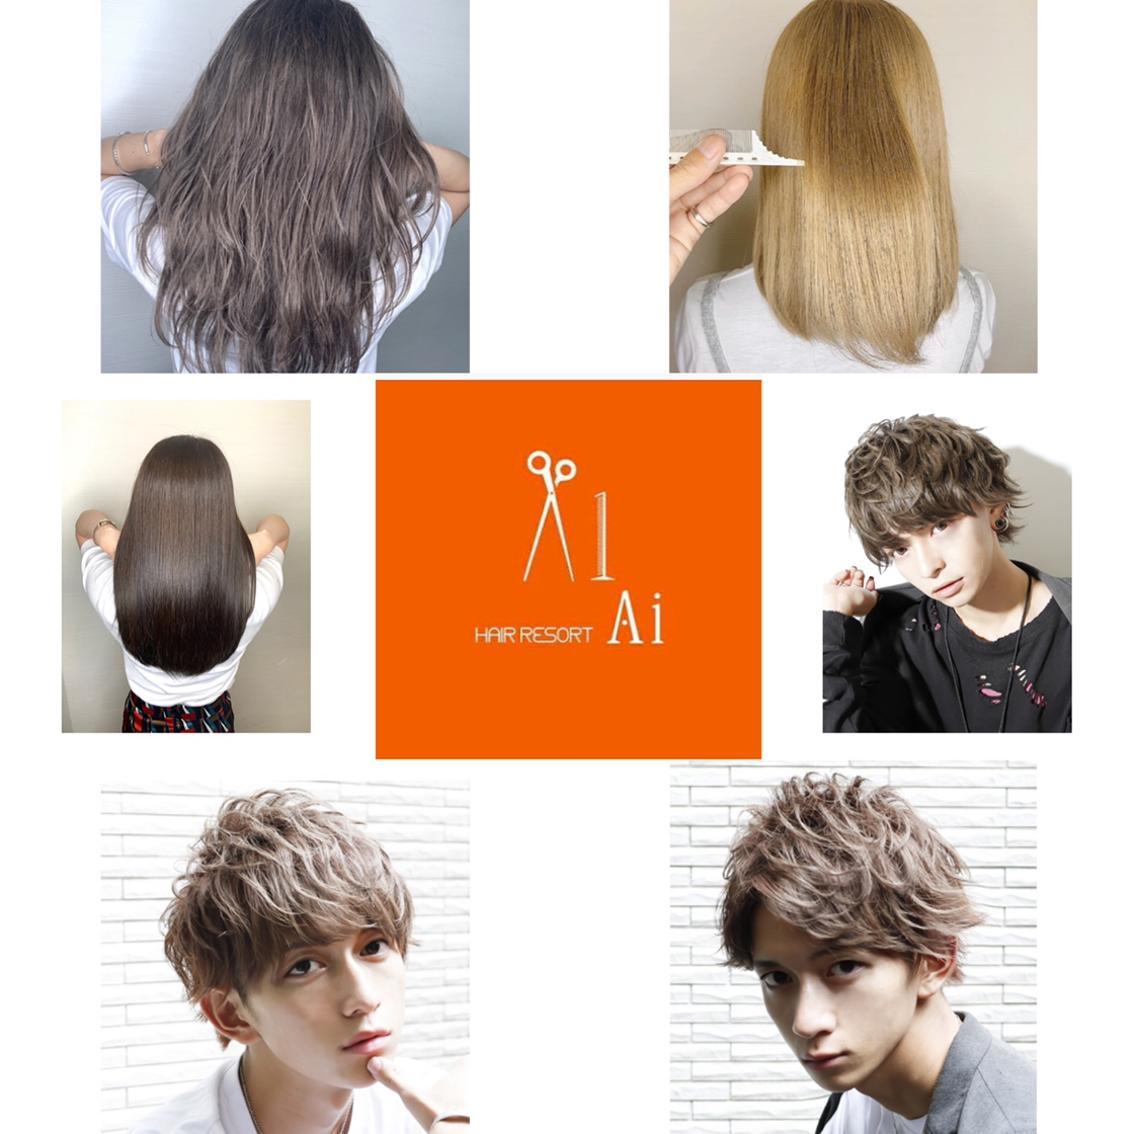 hair resortAi東陽町店所属・髪質改善/外国人風ヘアカラー/小泉賢徒の掲載